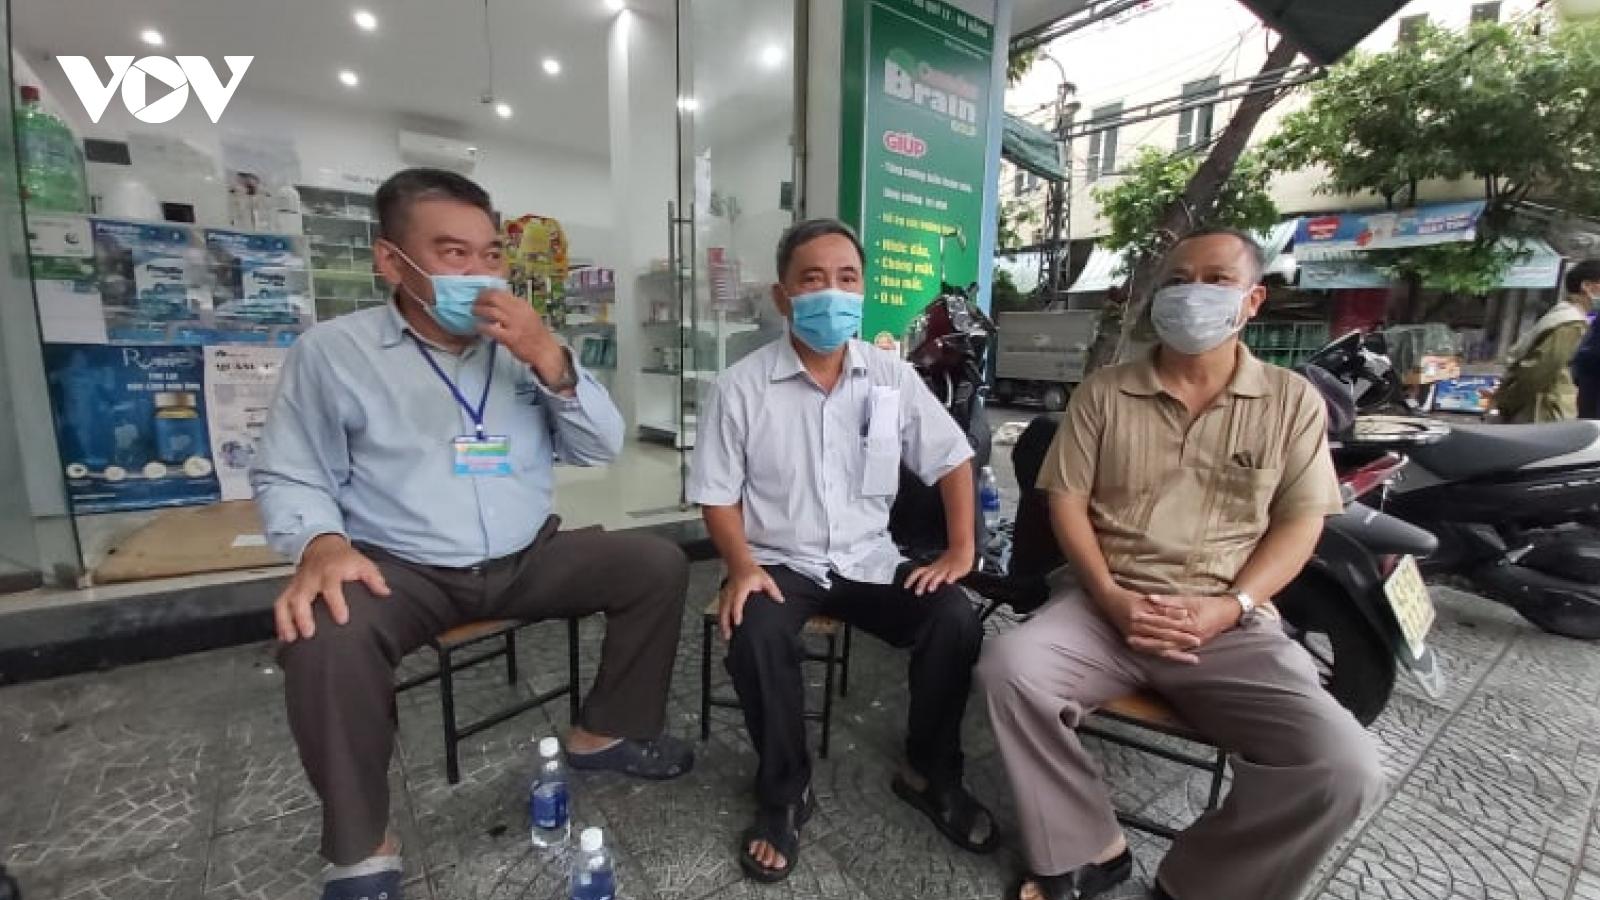 Thực hư chuyện hỗ trợ 500.000, dân chỉ thực nhận 330.000 đồng ở Đà Nẵng